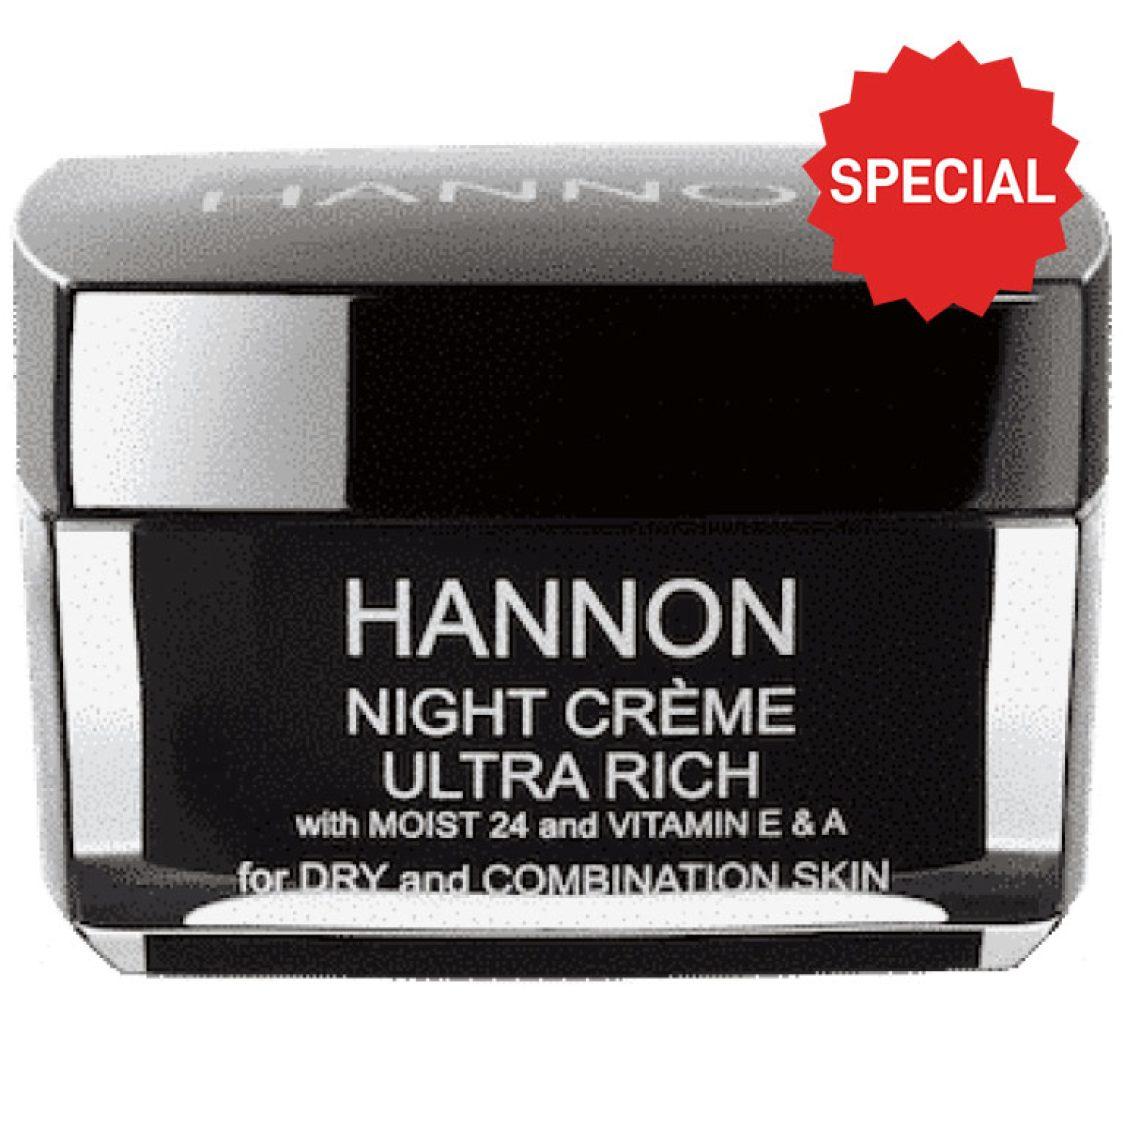 Hannon - Night Crème Ultra Rich 50ml